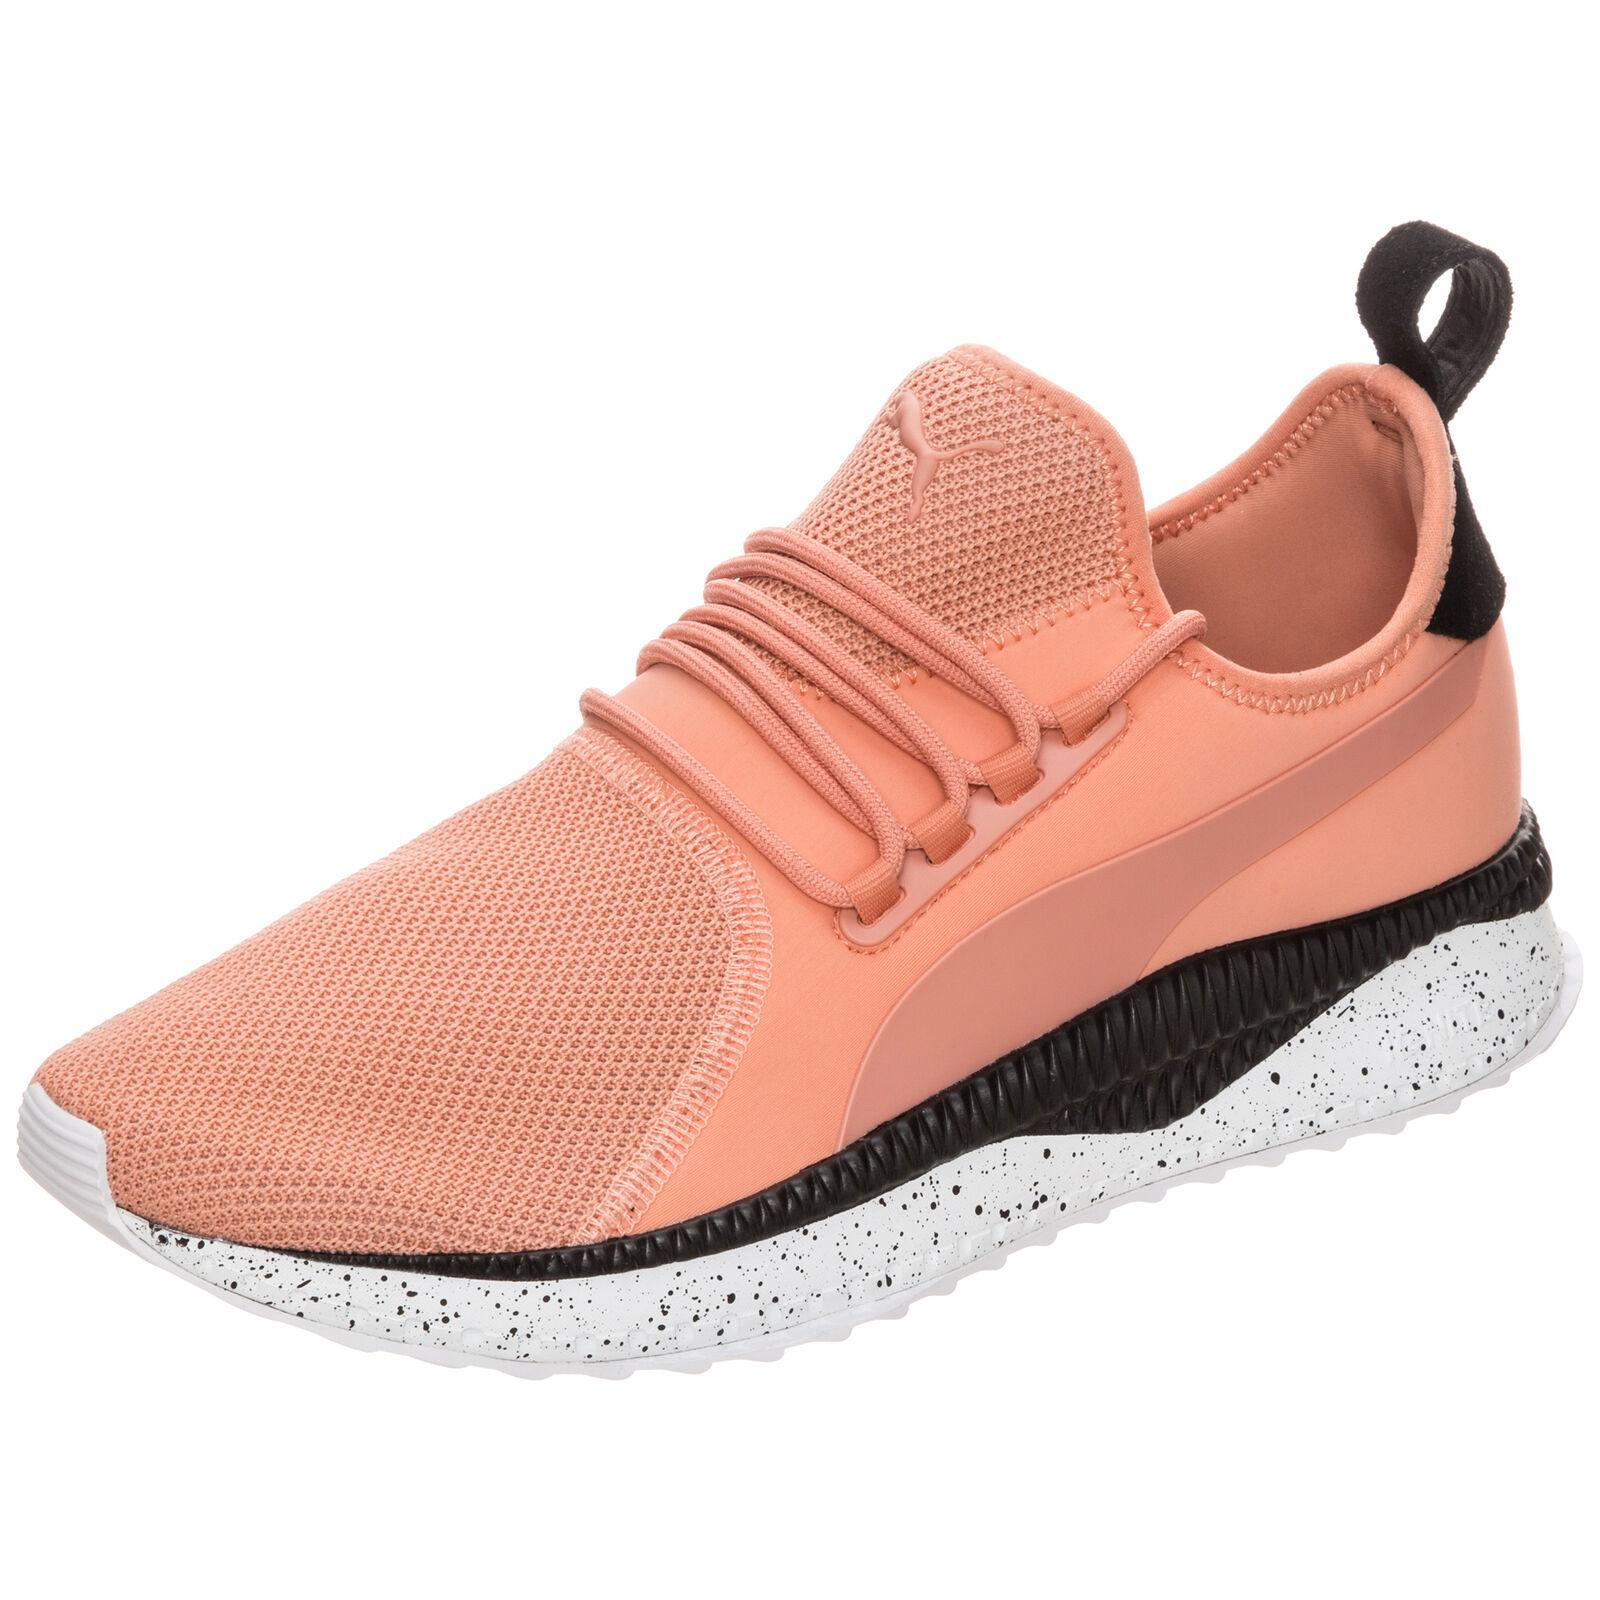 Puma TSUGI Apex Summer Sneaker Herren apricot / schwarz NEU Schuhe Turnschuhe